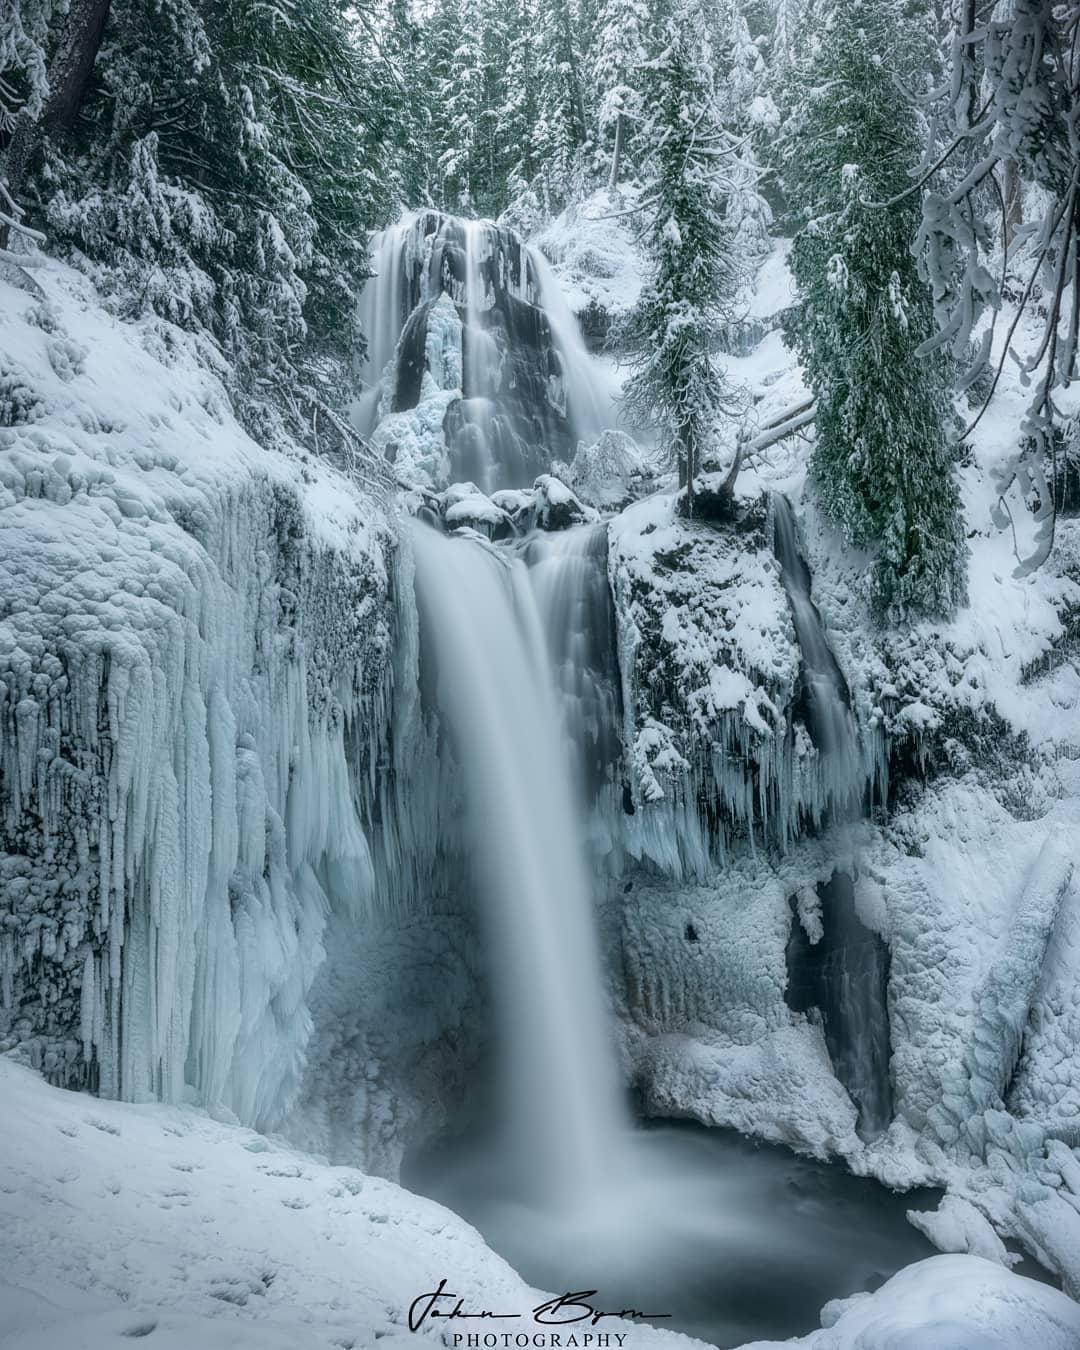 Природные пейзажи на снимках Джона Бирна